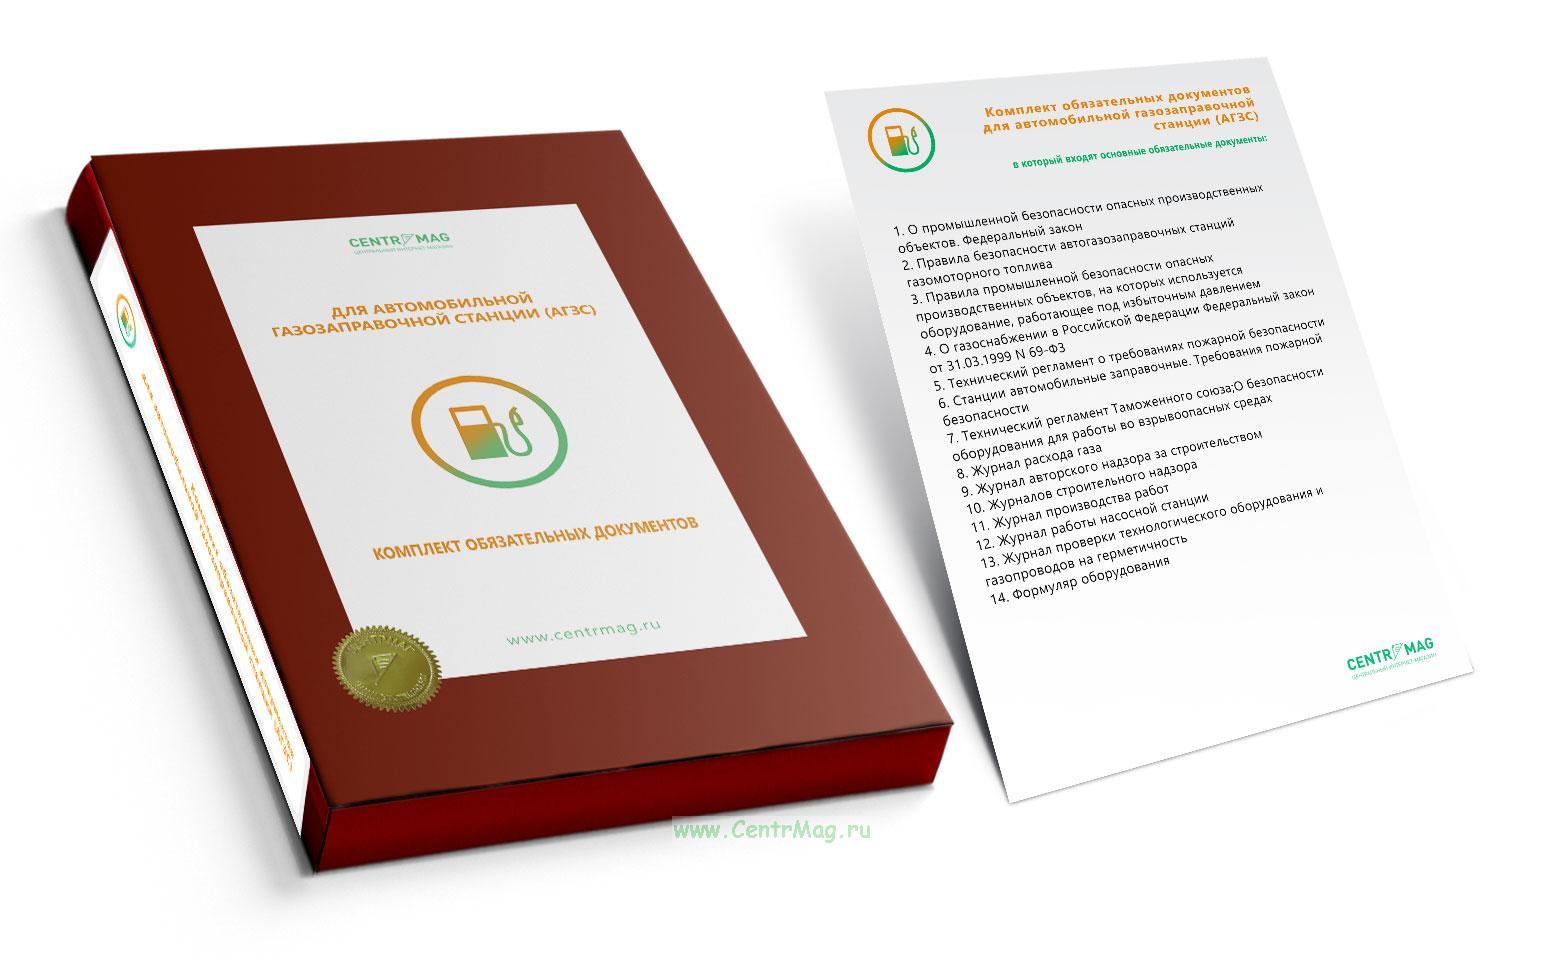 Комплект обязательных документов для автомобильной газозаправочной станции (АГЗС, ГНС) 2019 год. Последняя редакция